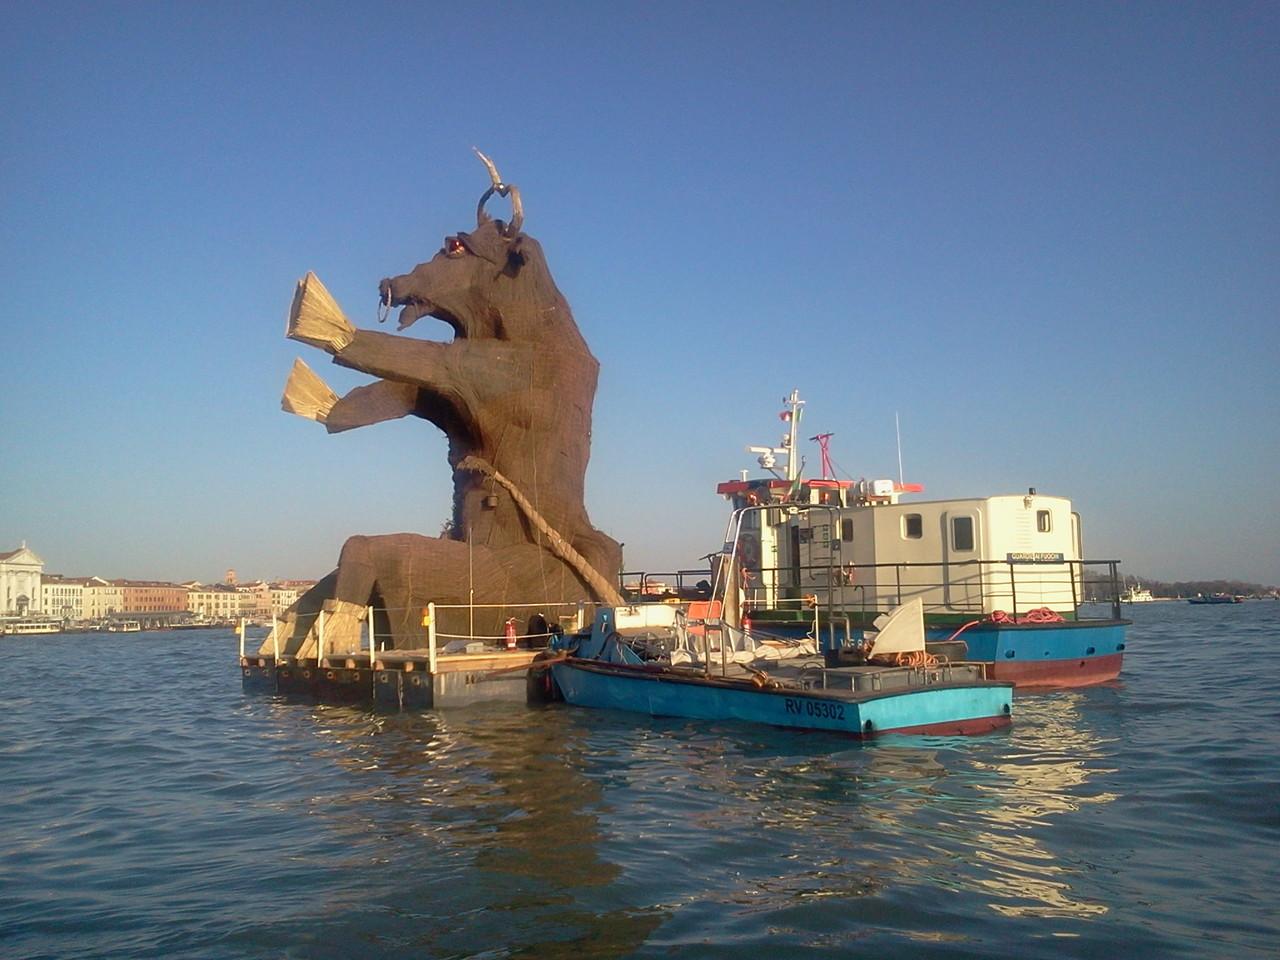 Carnevale di Venezia - Il Toro Marciano